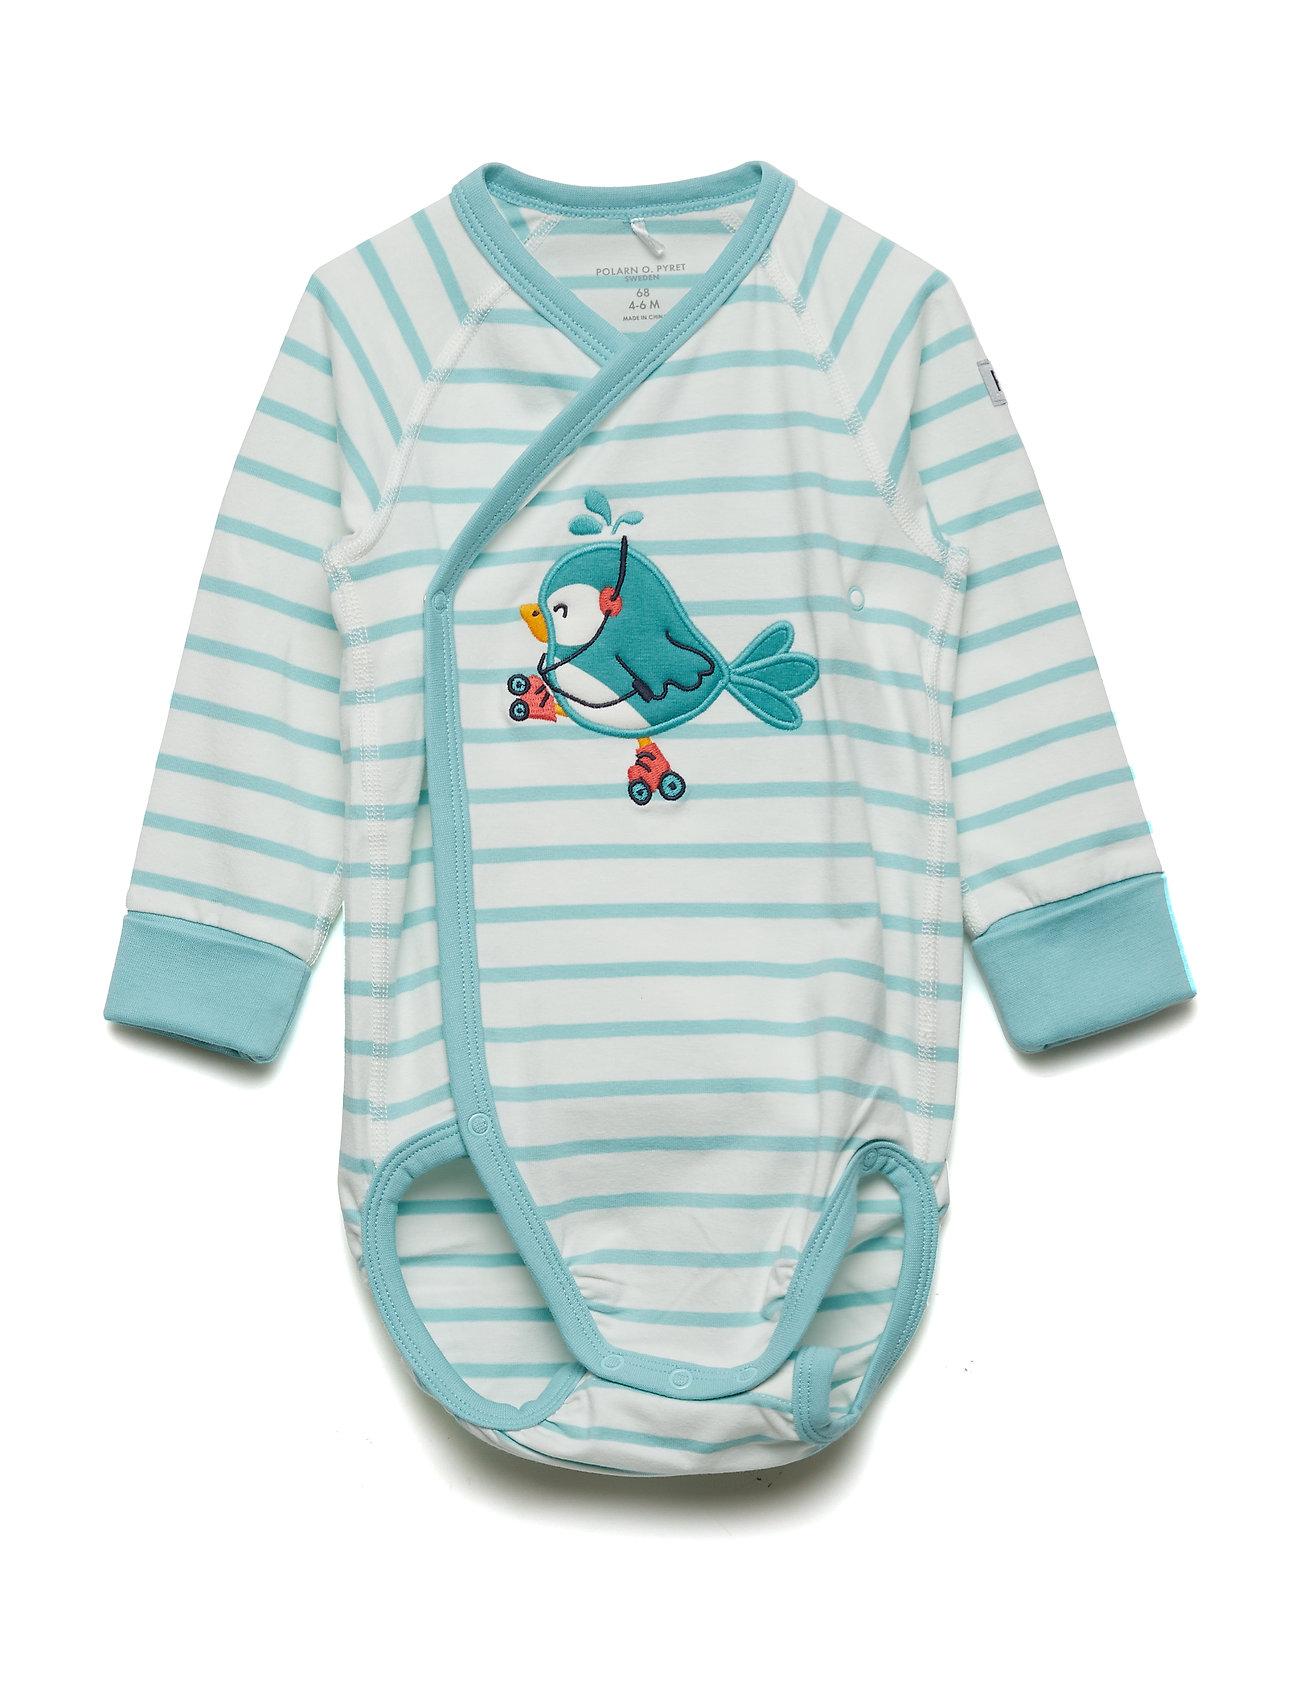 Polarn O. Pyret Body Wrapover PO.P Stripe Baby